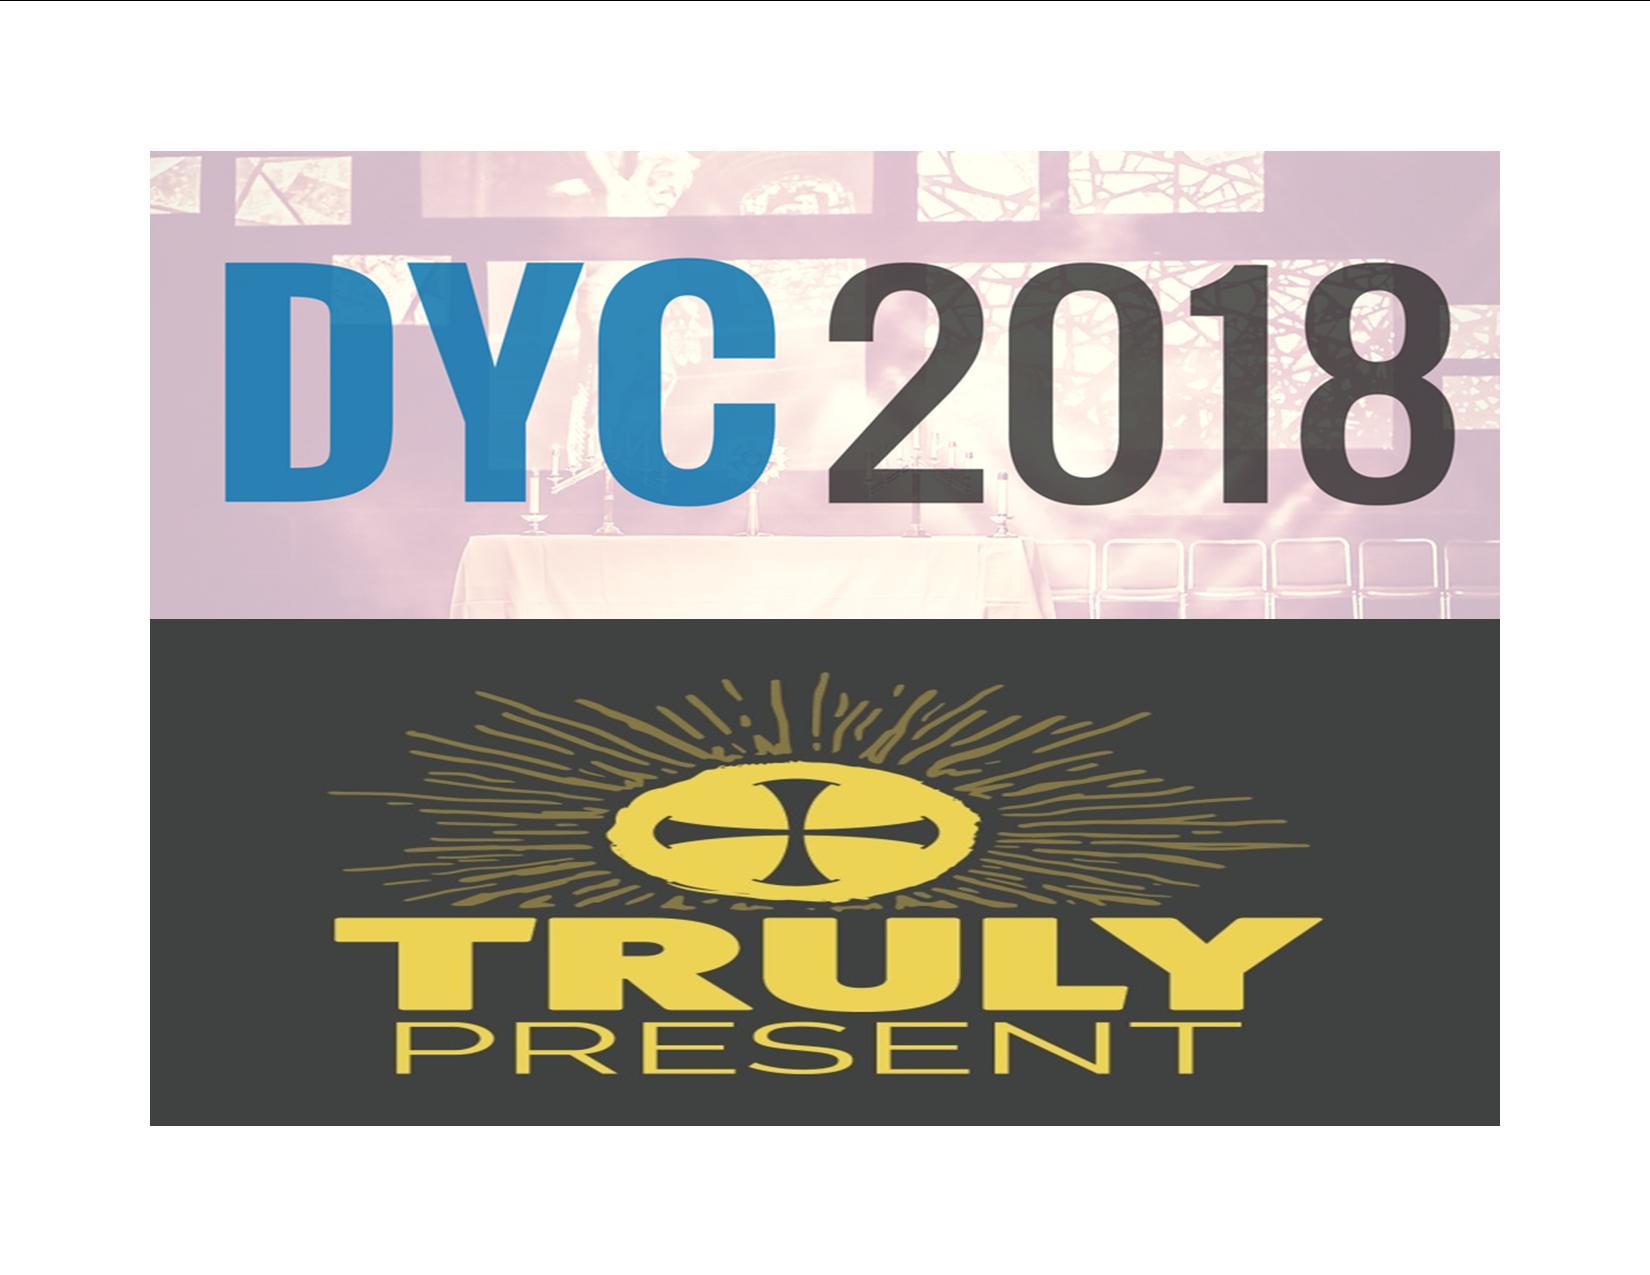 Dyc2018trulypresent